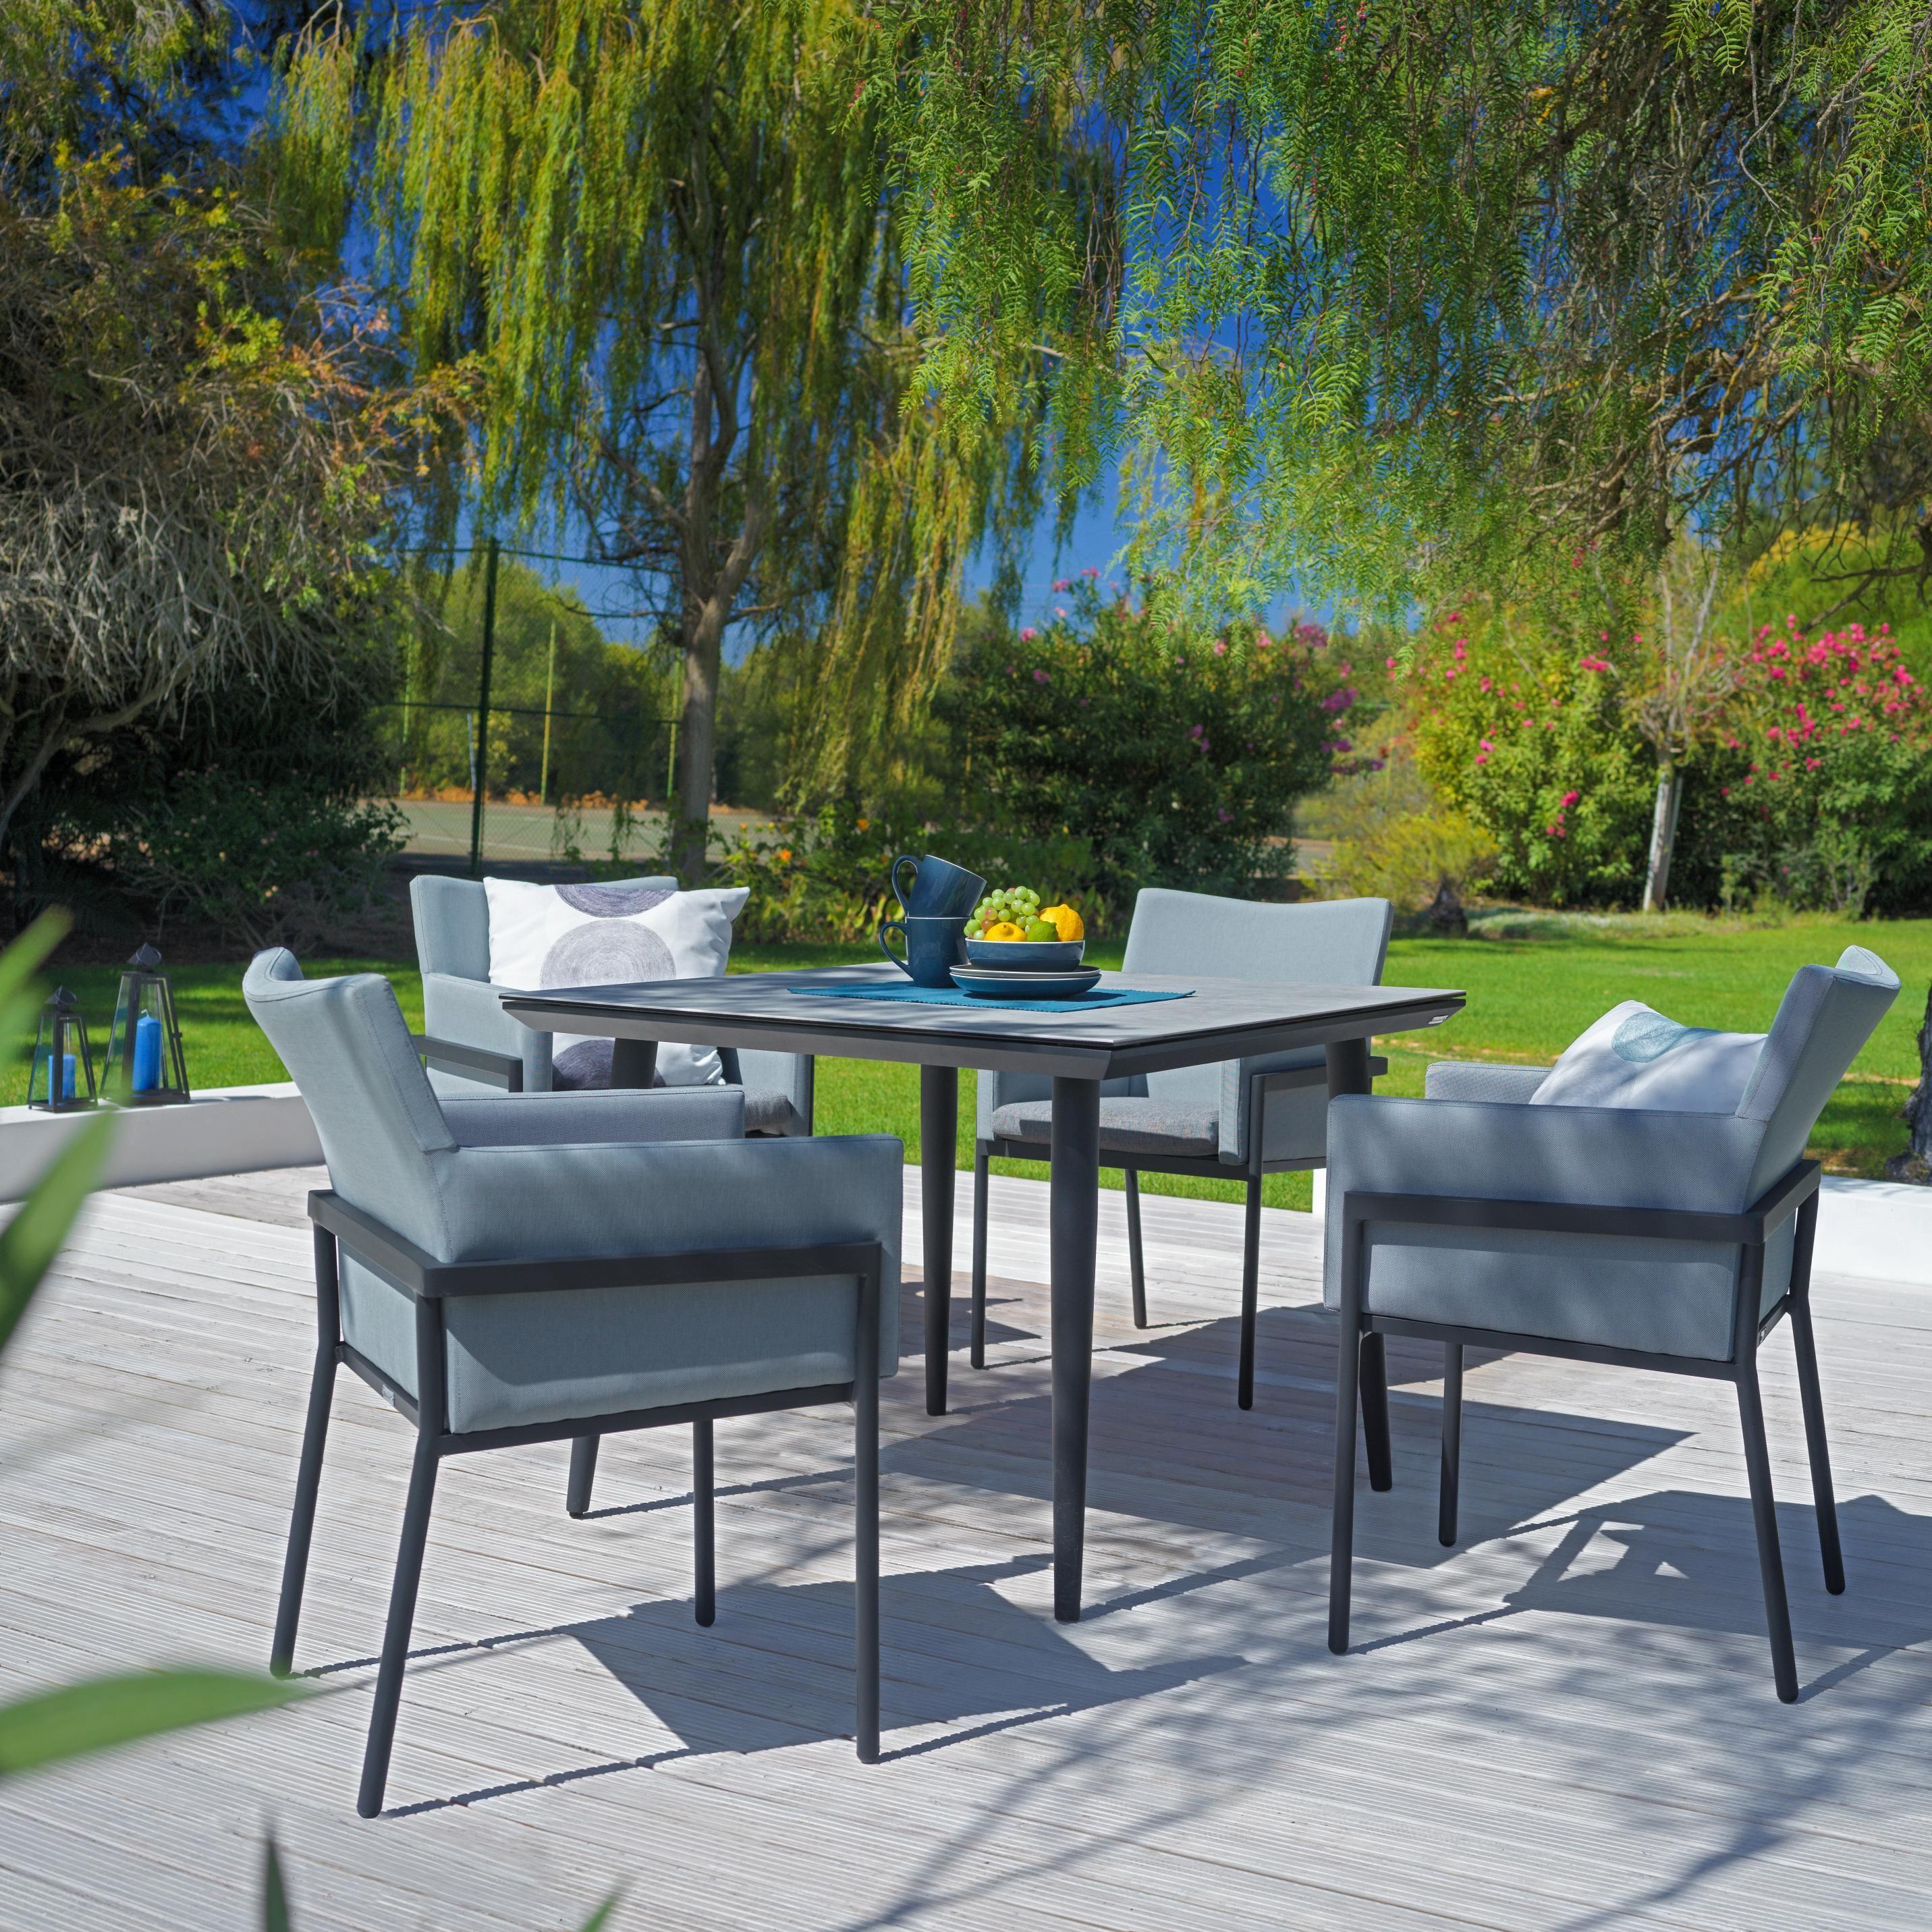 Moderne Helle Gartenmobel Sitzgruppe Mit Stuhlen Und Tisch Gartenmobel Gartentisch Set Aussenmobel